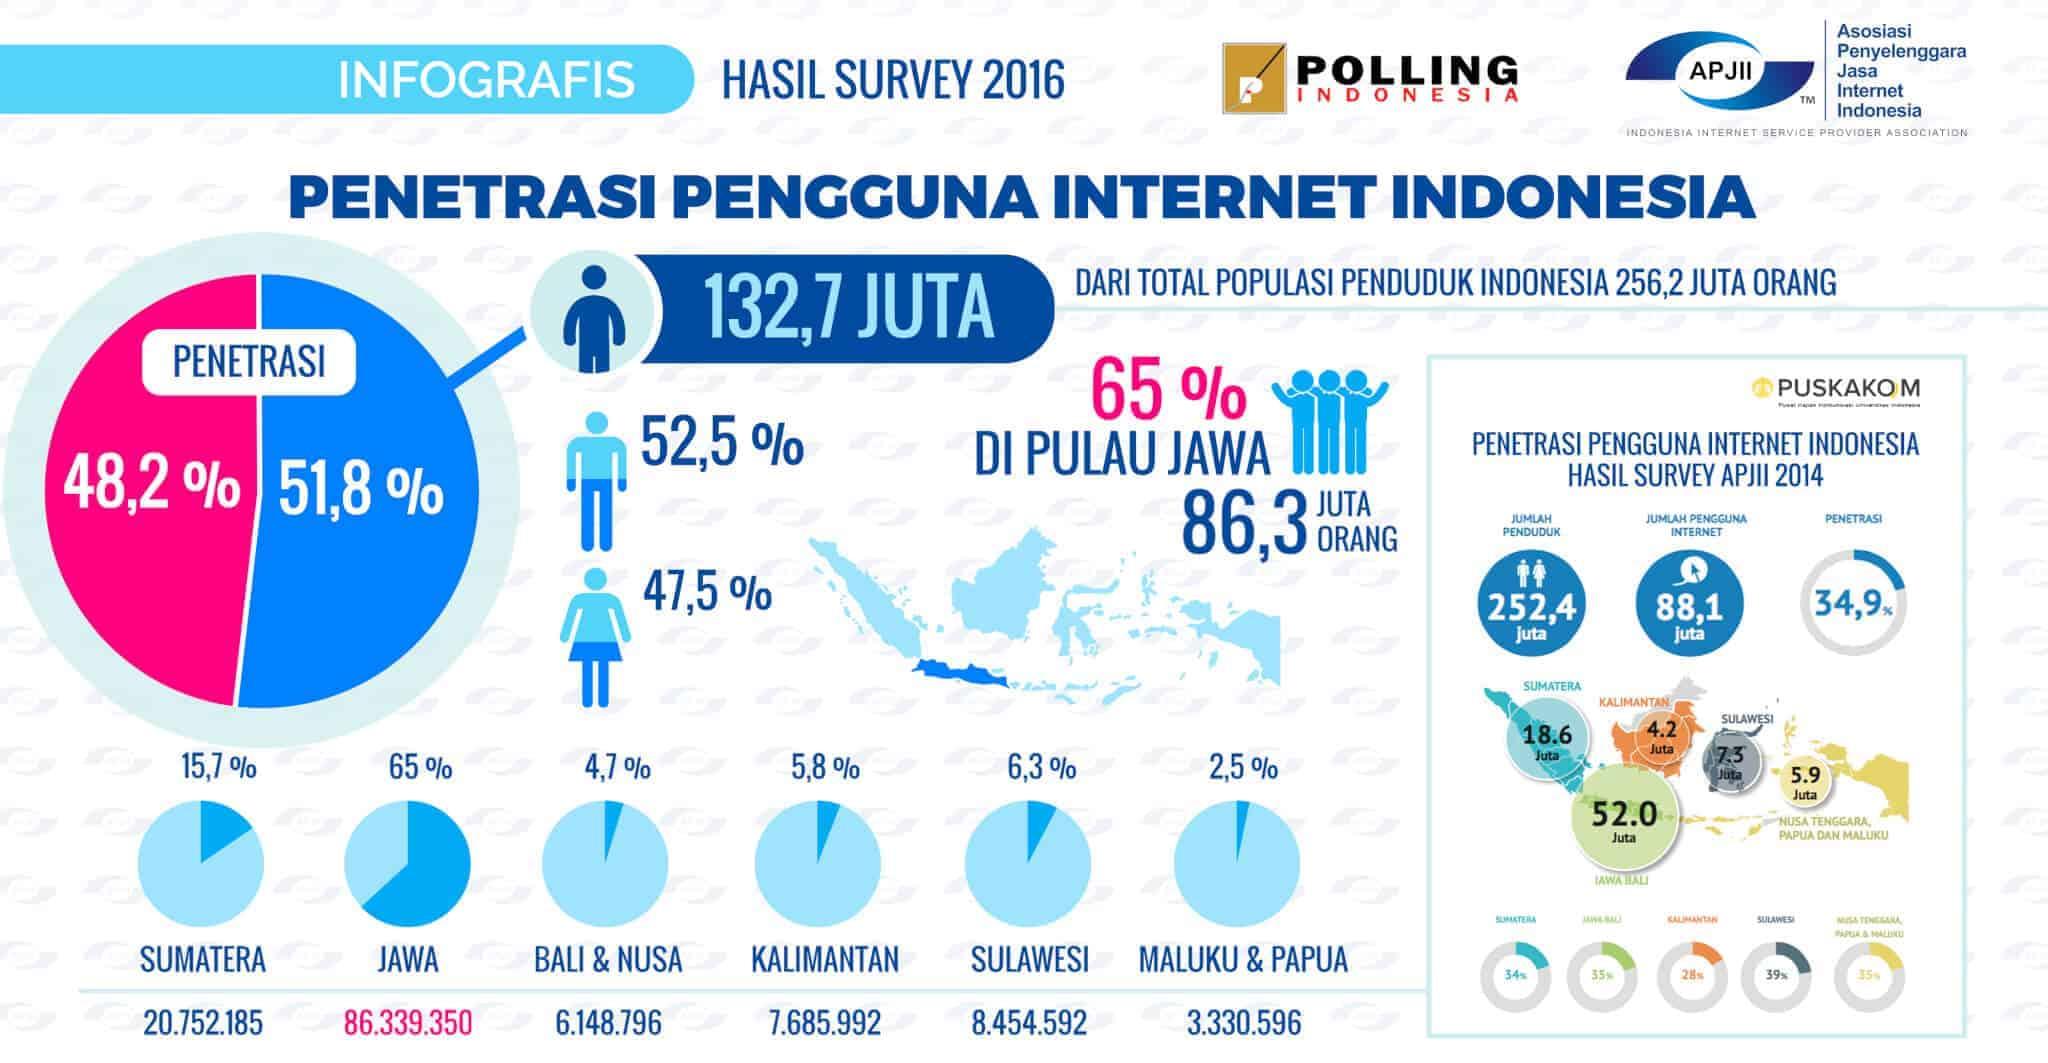 Pengguna-Internet-Indonesia Prospek Bisnis Online di Bumi Pertiwi